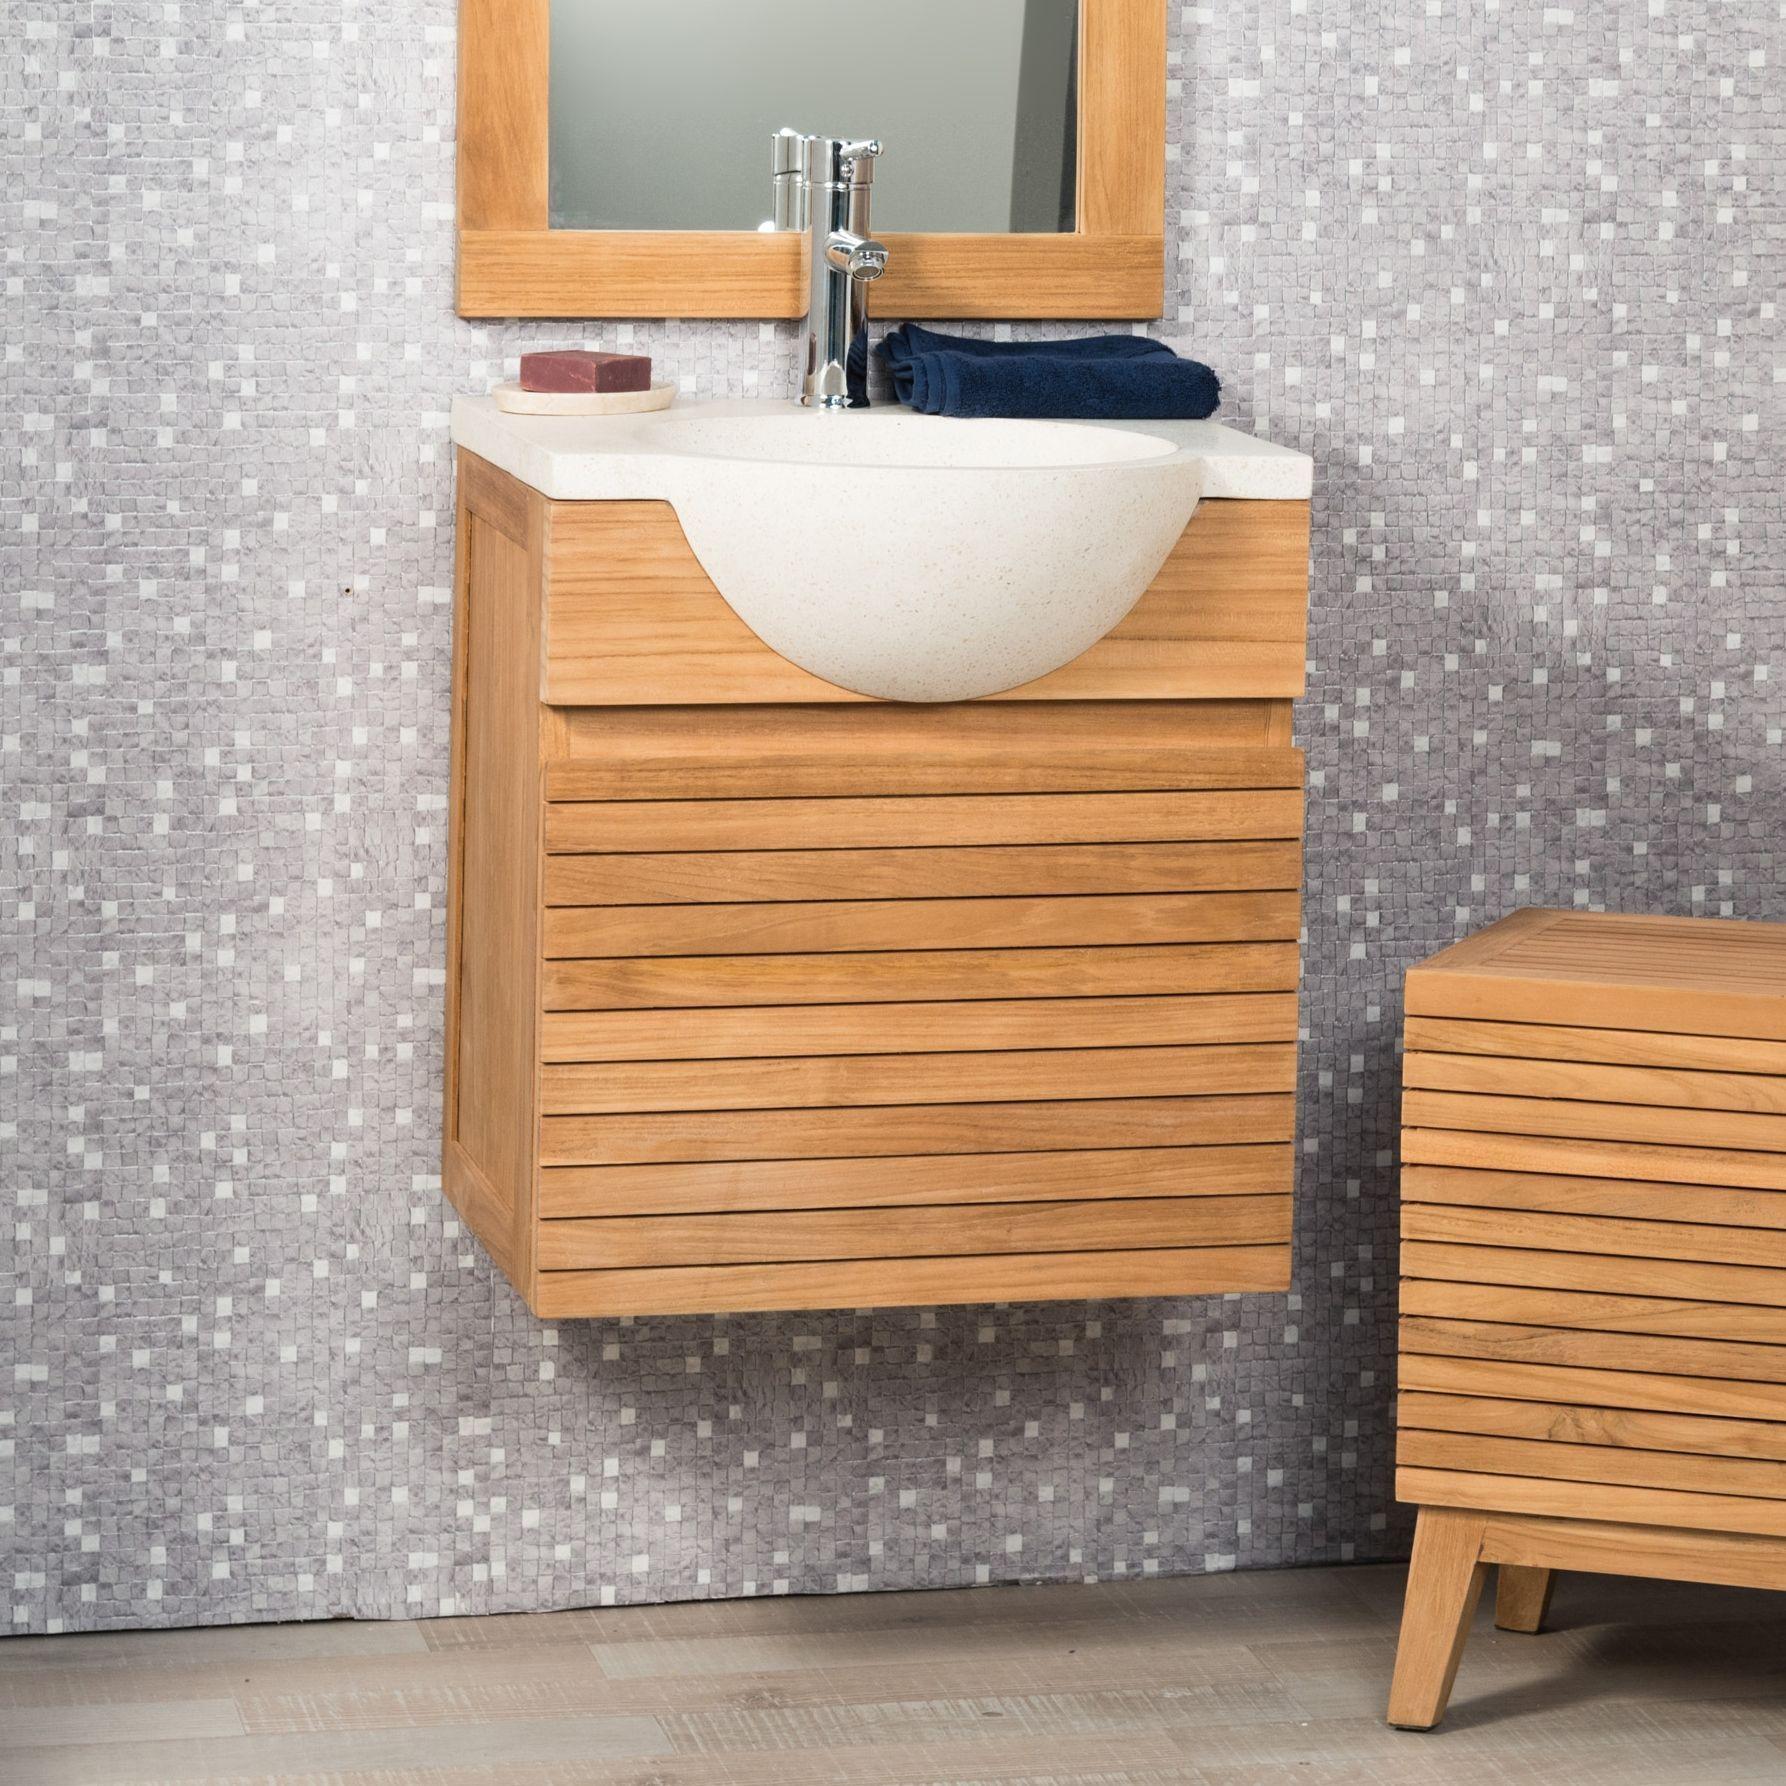 Vasque Salle De Bain A Suspendre meuble salle de bain suspendu avec vasque teck 50